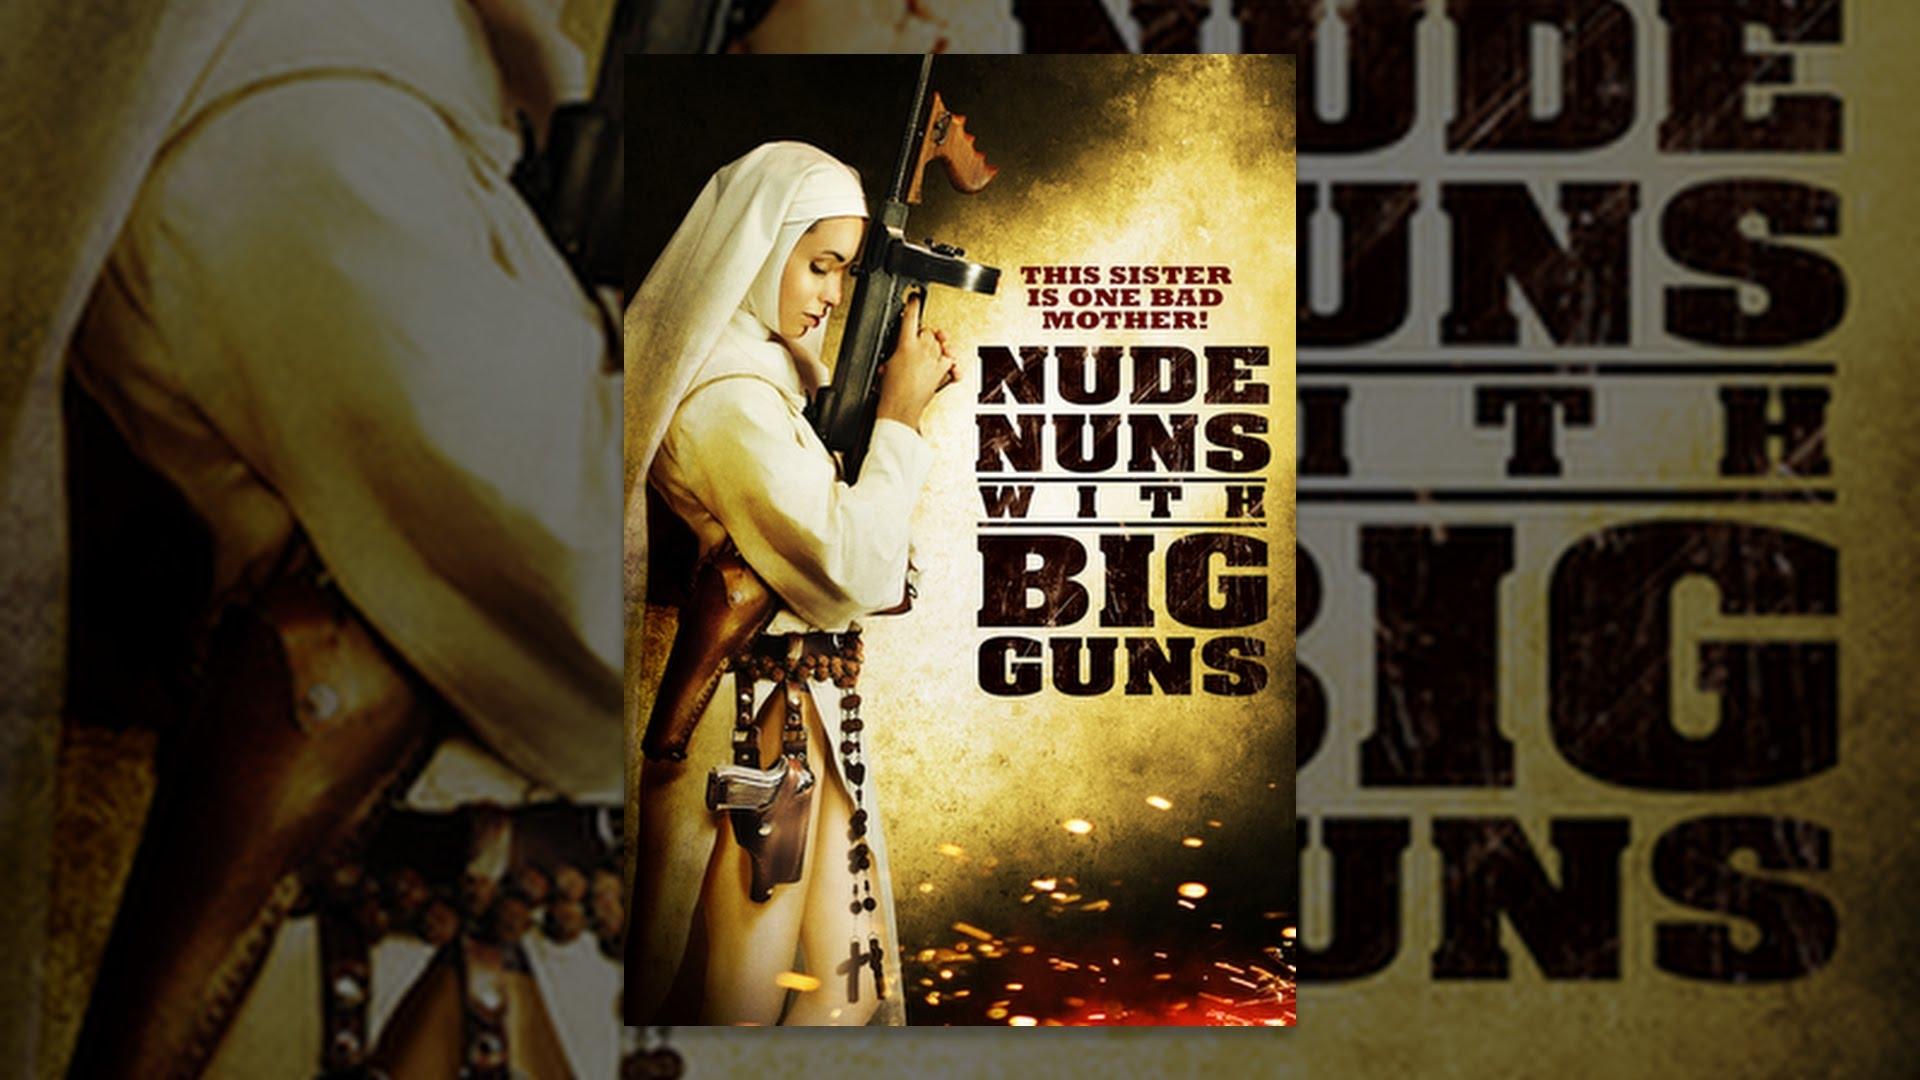 SHELLDIVER - NNBG (Nude Nuns with Big Guns) - YouTube